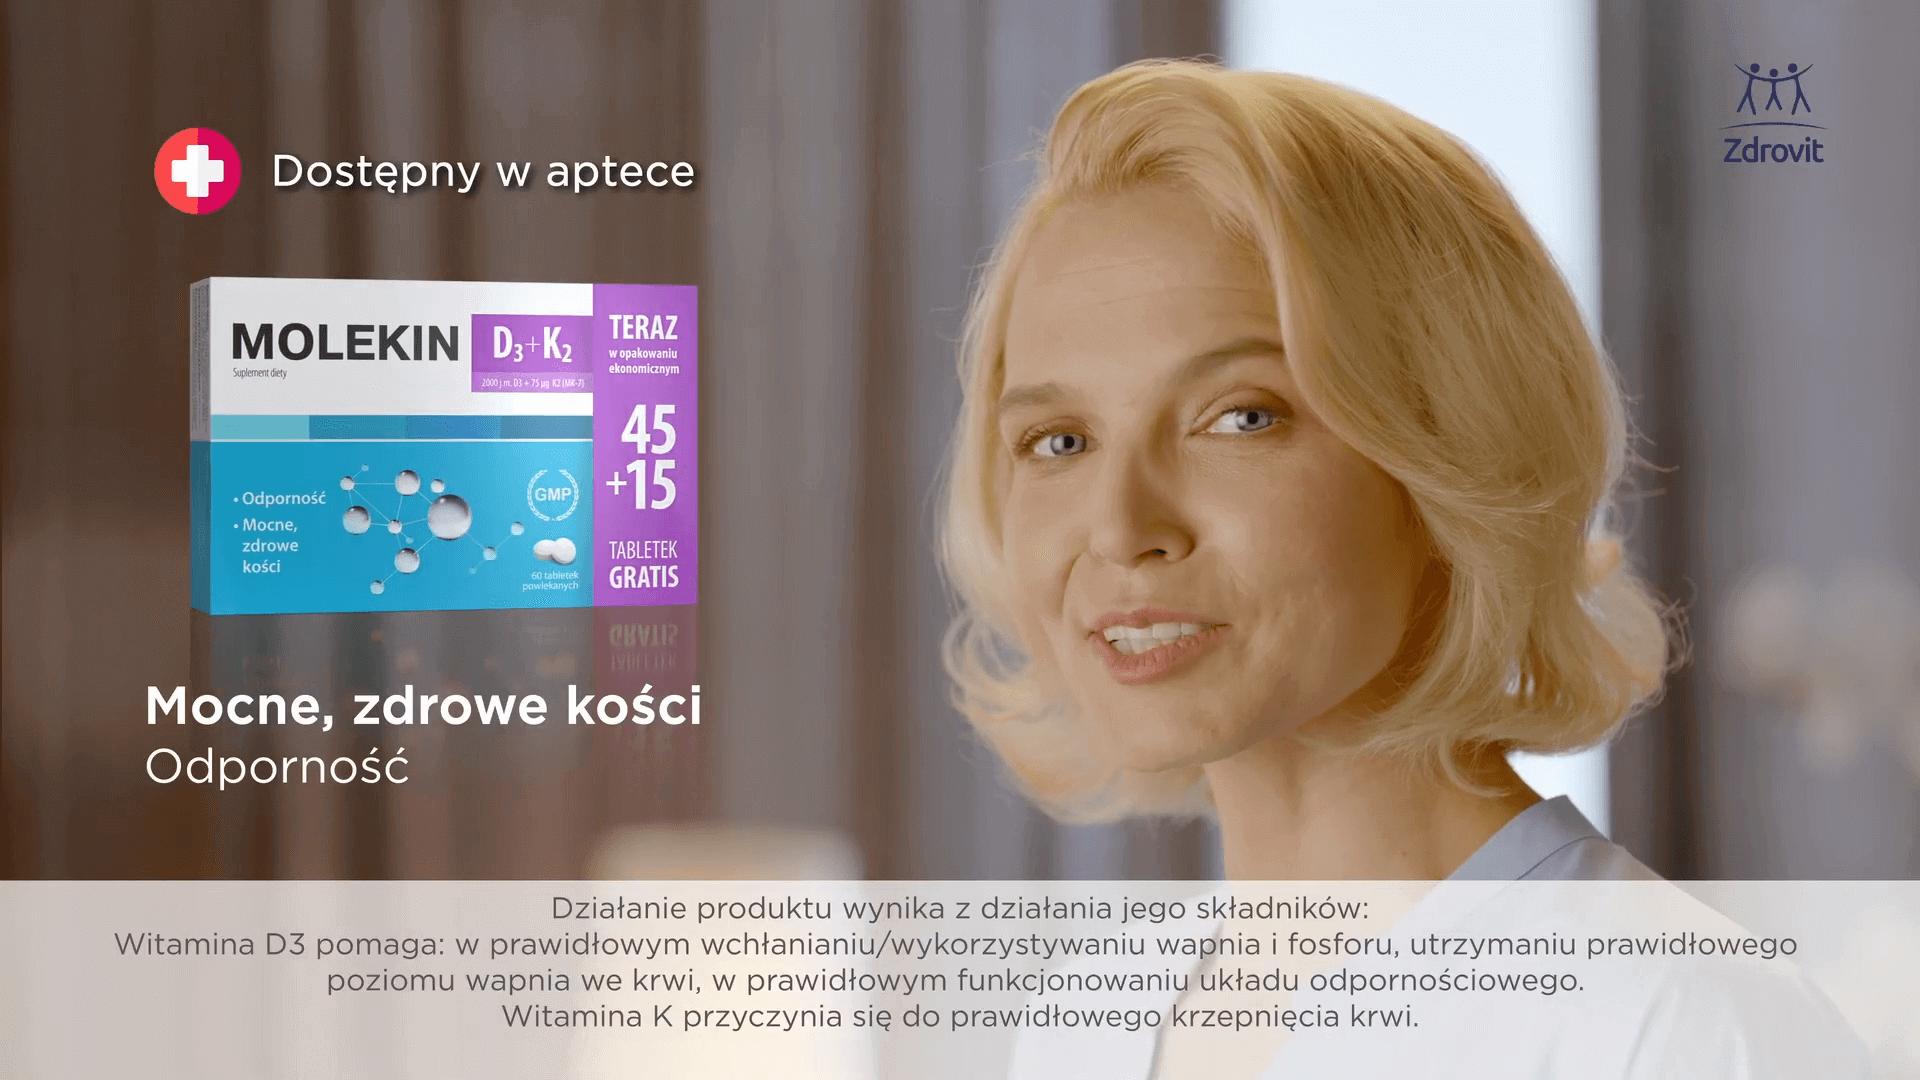 obrazotworcy-zdrovit-molekin-reklama-telewizyjna